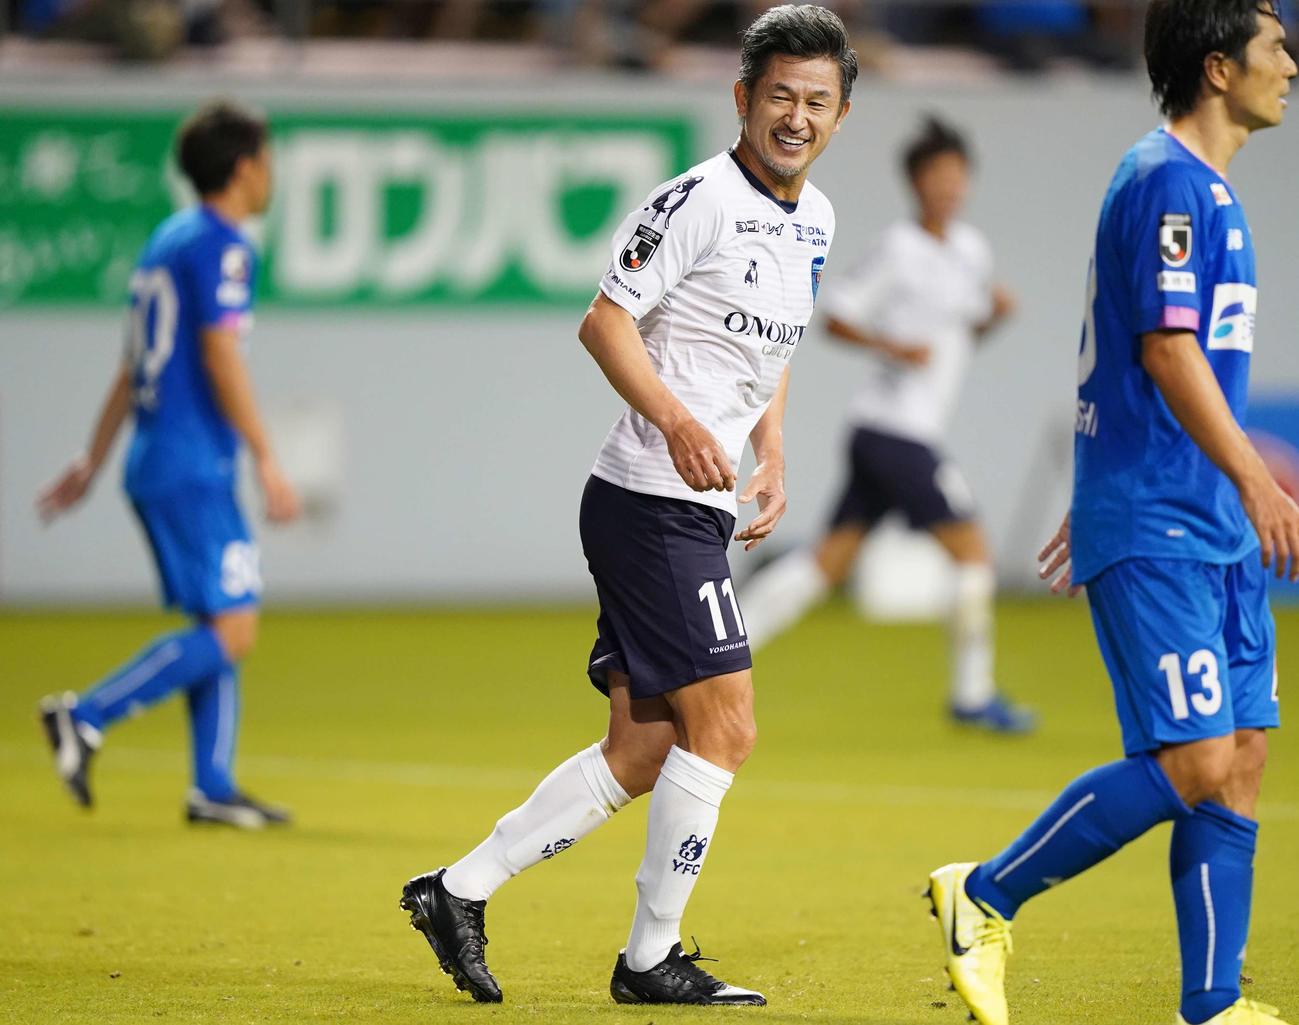 鳥栖対横浜FC 前半、ヘディングシュートを決めきれず悔しい表情の横浜FC・FWカズ(撮影・江口和貴)